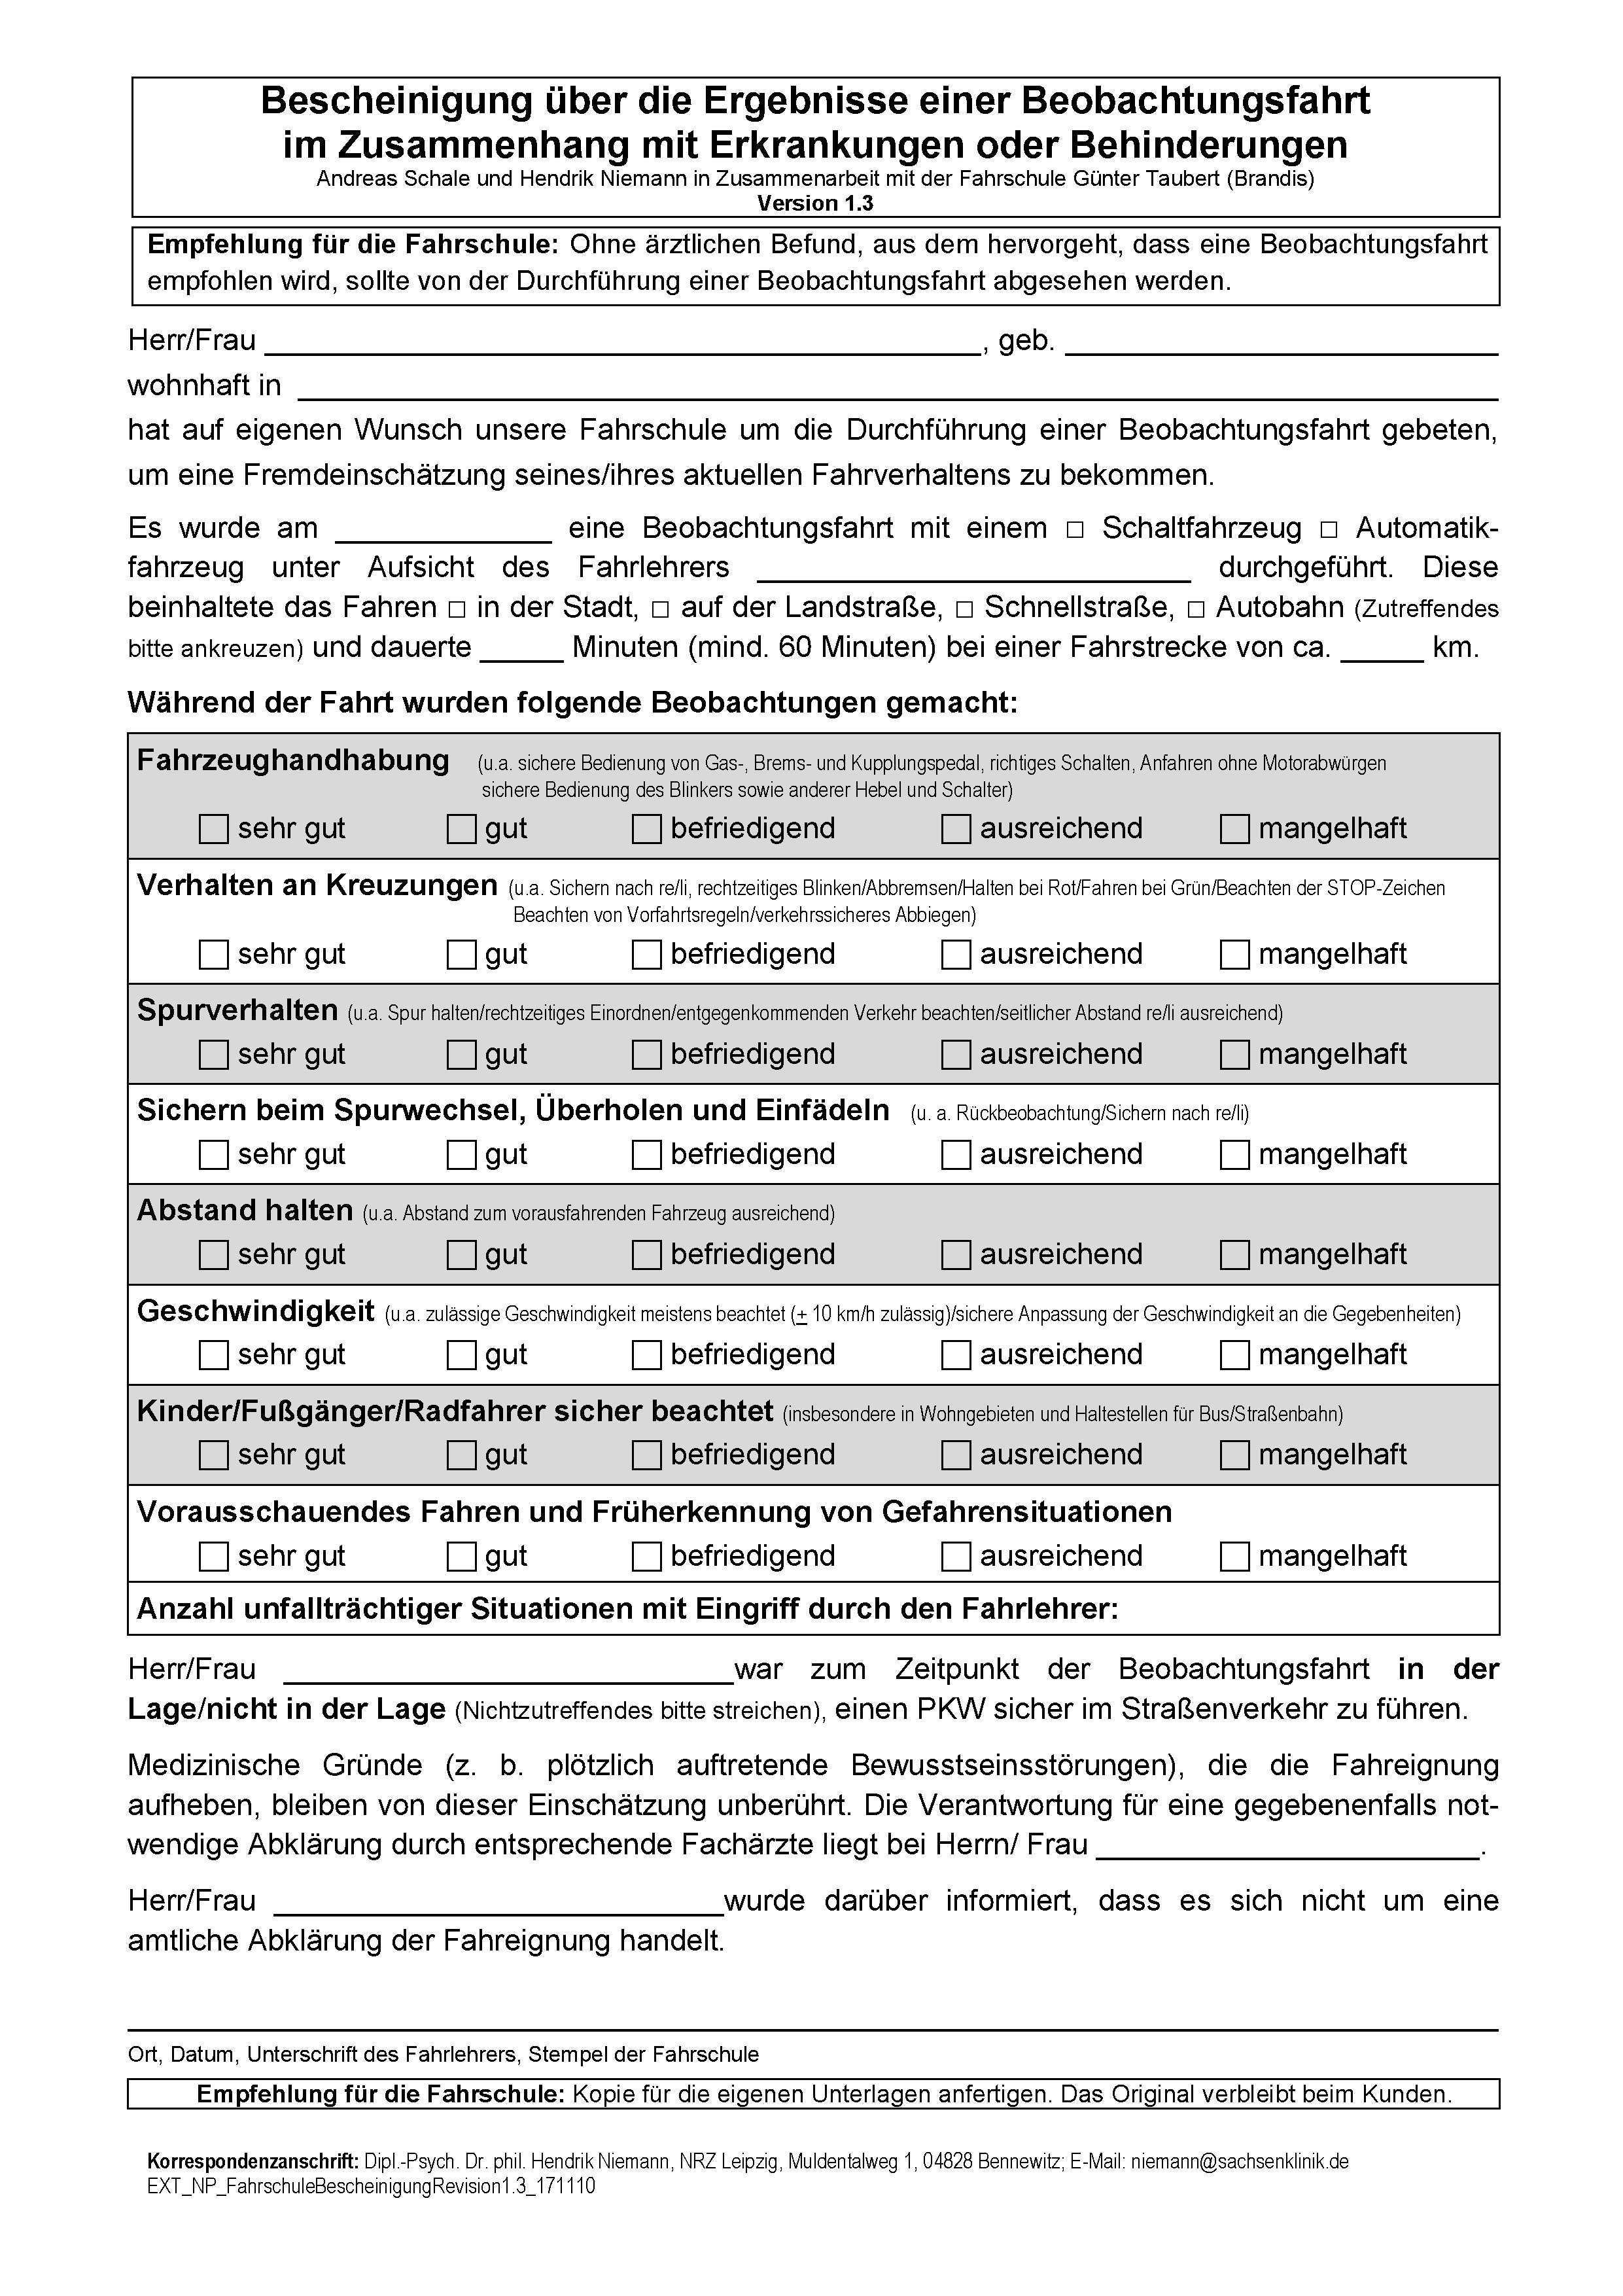 2018 01 44 Fahreignung Und Beobachtungsfahrt Vordruck Wurde Uberarbeitet Fahrlehrerverband Baden Wurttemberg